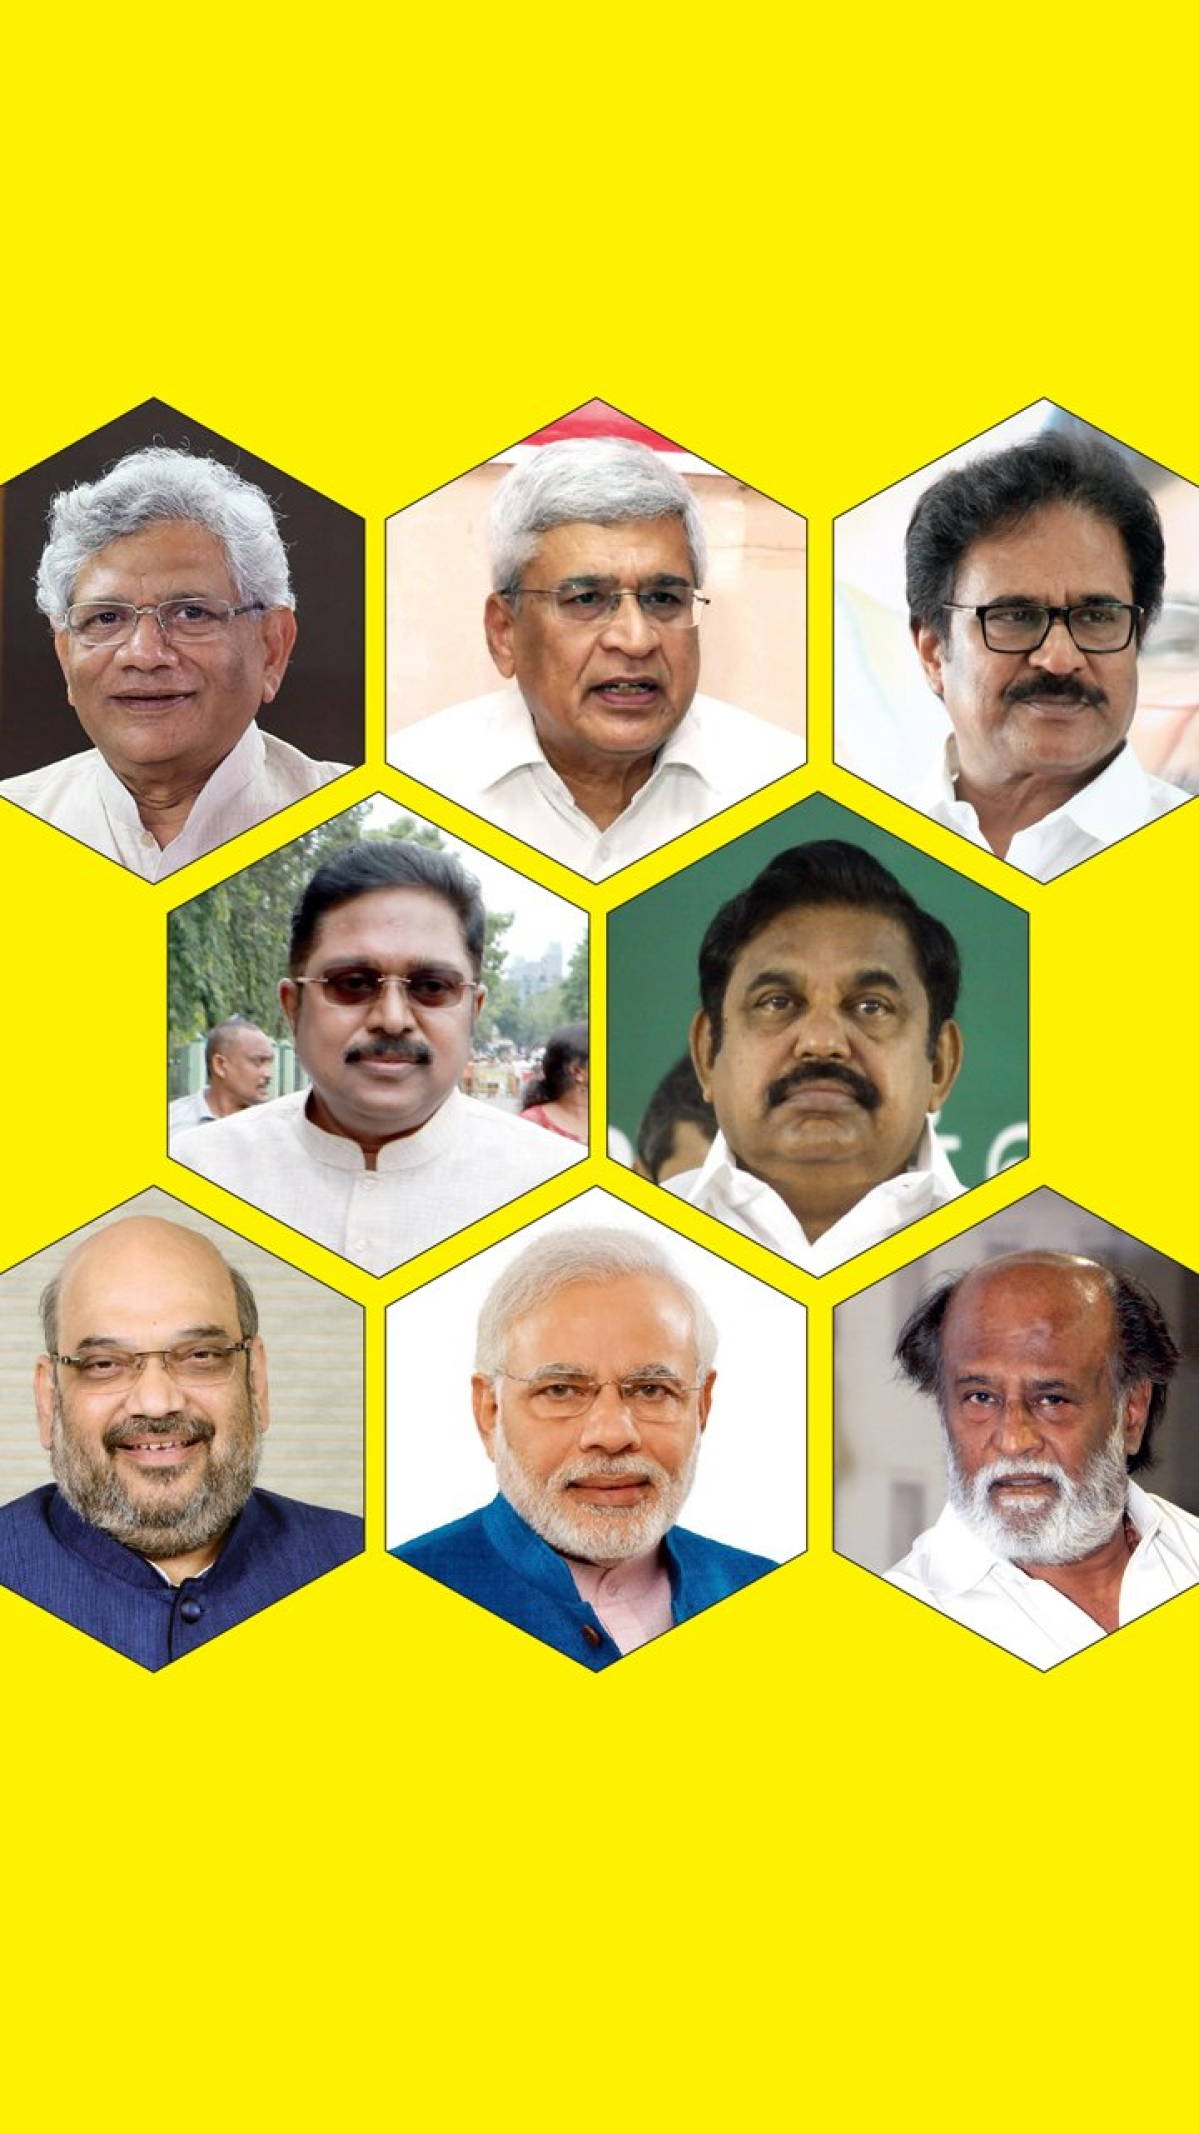 மிஸ்டர் கழுகு: பி.ஜே.பி மீது ரஜினி வருத்தம்!